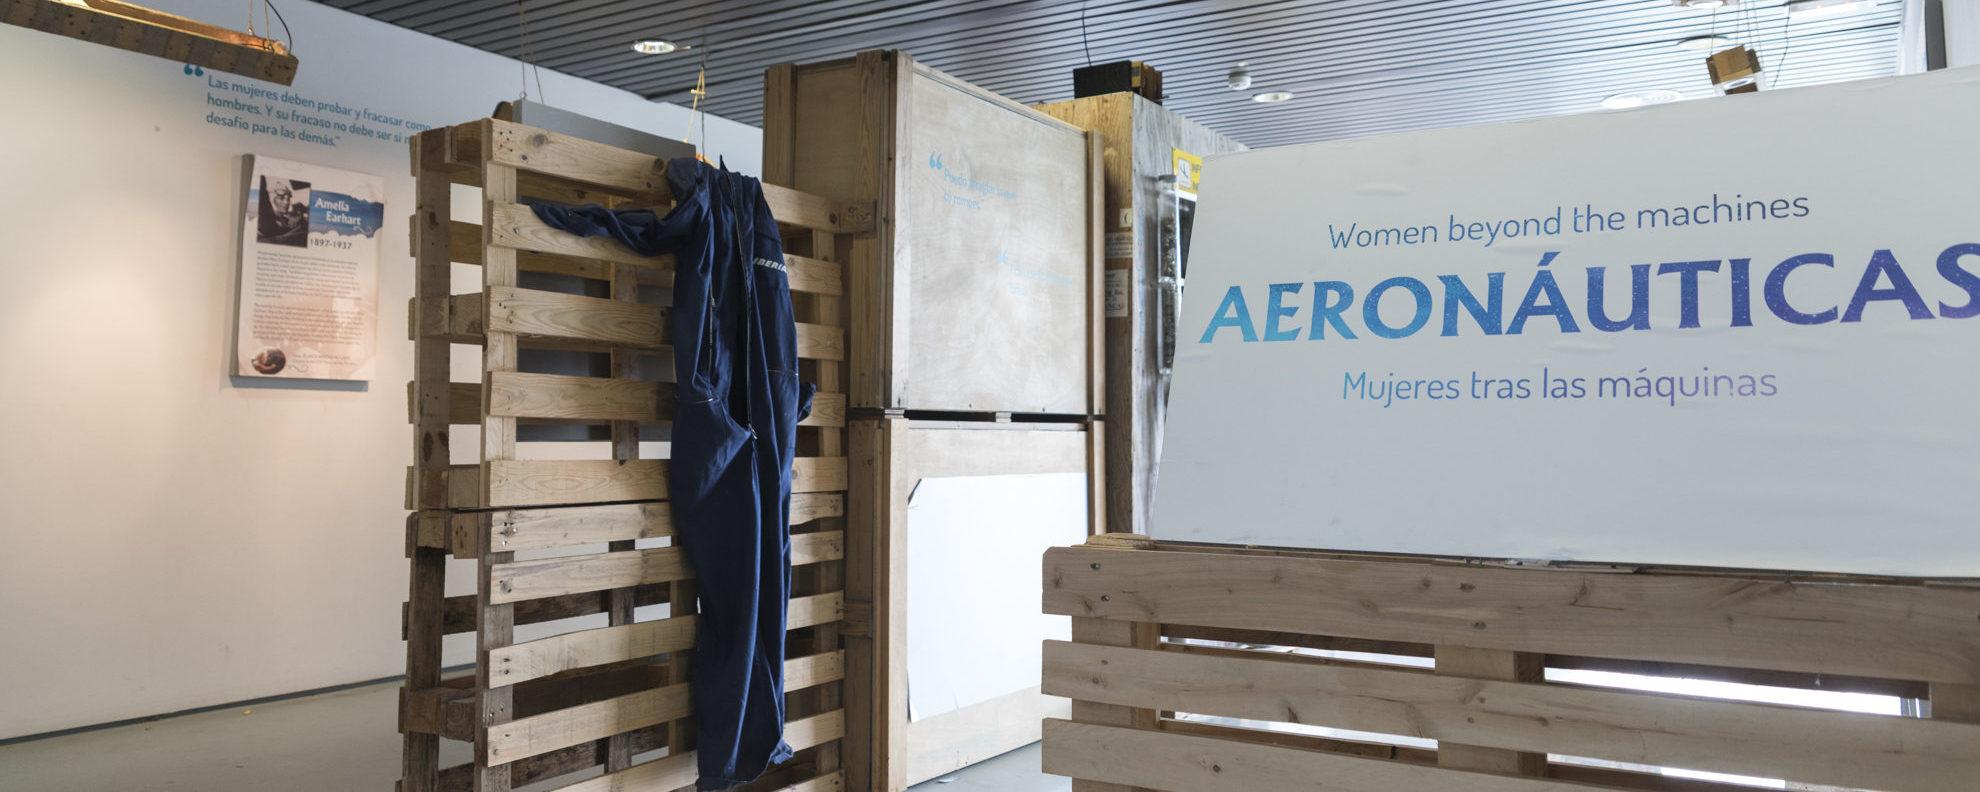 Expo Aeronáuticas-Mujeres tras las máquinas